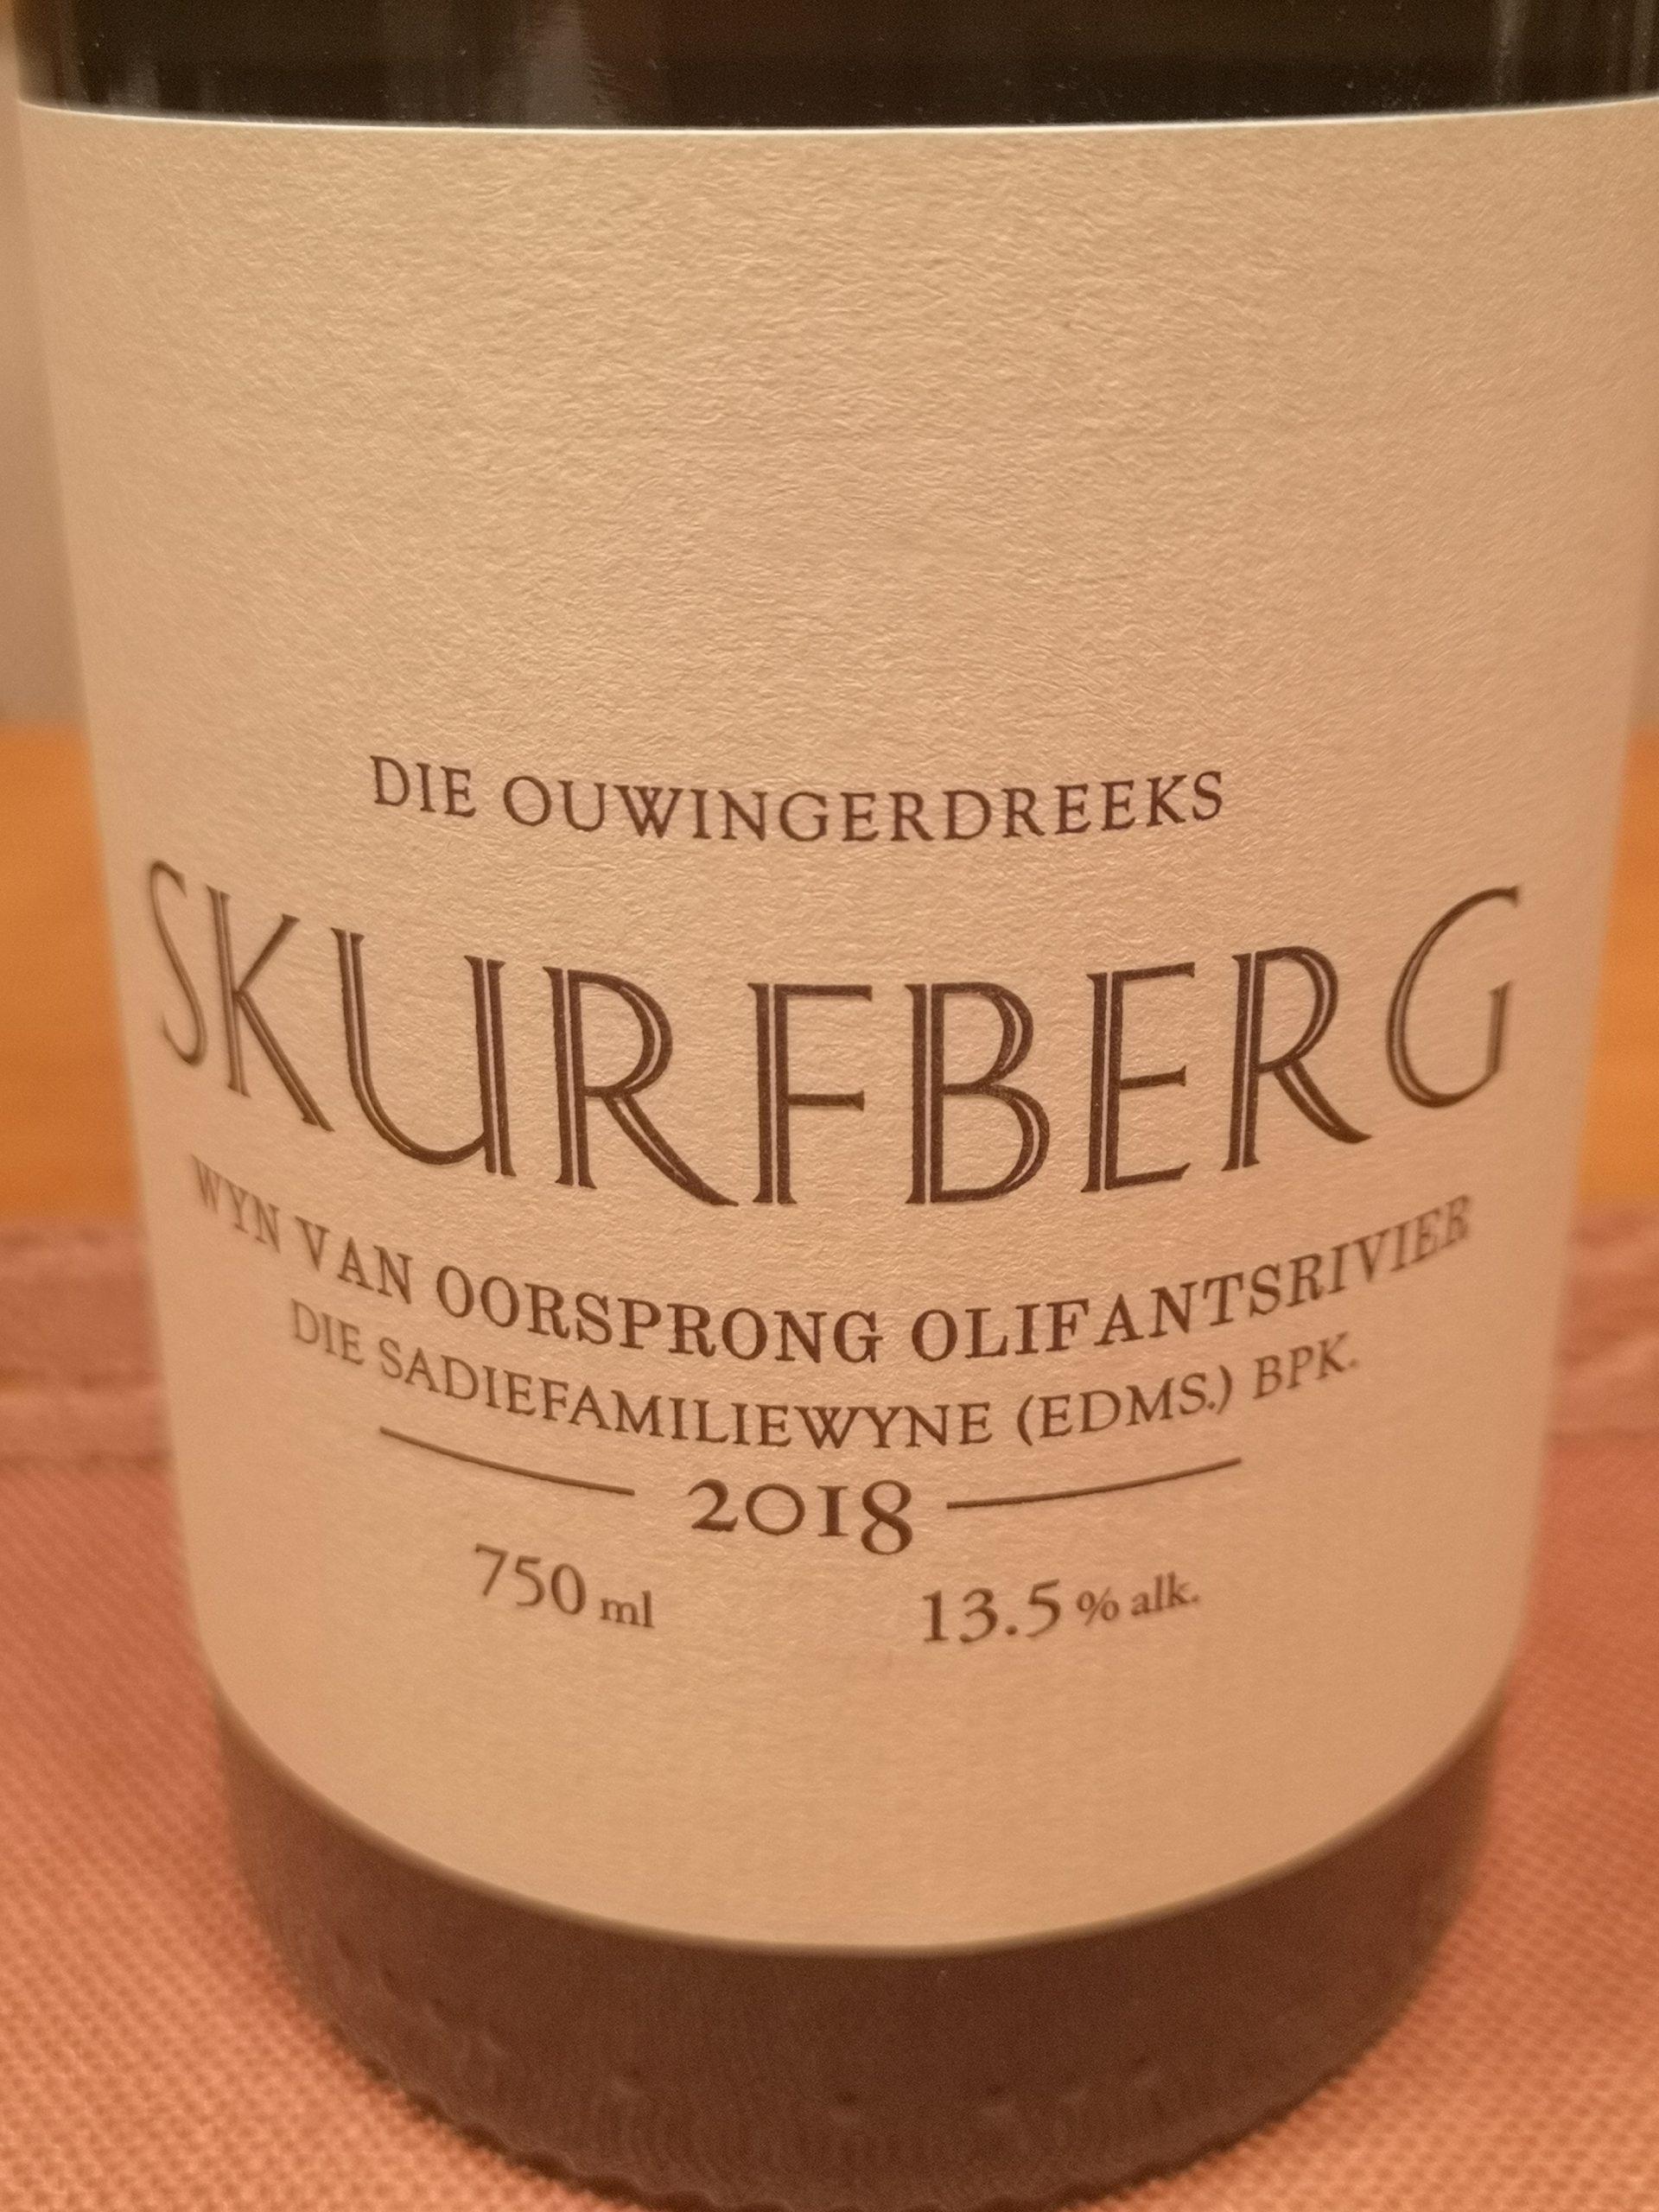 2018 Skurfberg | Sadie